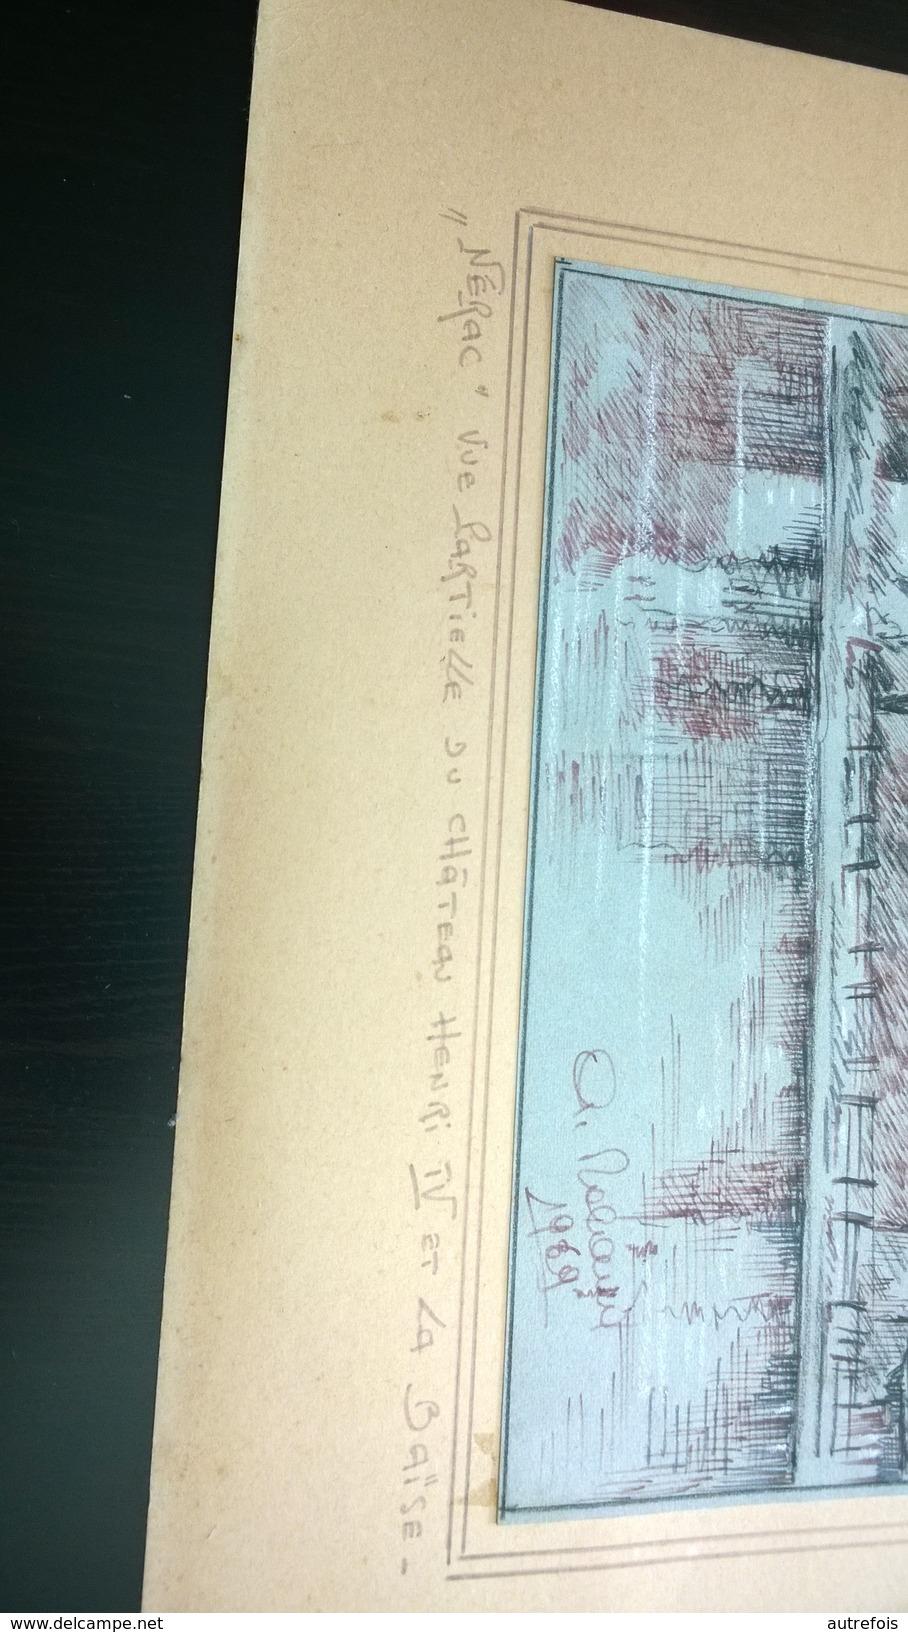 NERAC  VUE PARTIELLE DU CHATEAU HENRI IV ET LA BAISE  -  A NALAU ?  1969  SUR PAPIER A DESSIN   ENCRE ET CRAIE - Zeichnungen